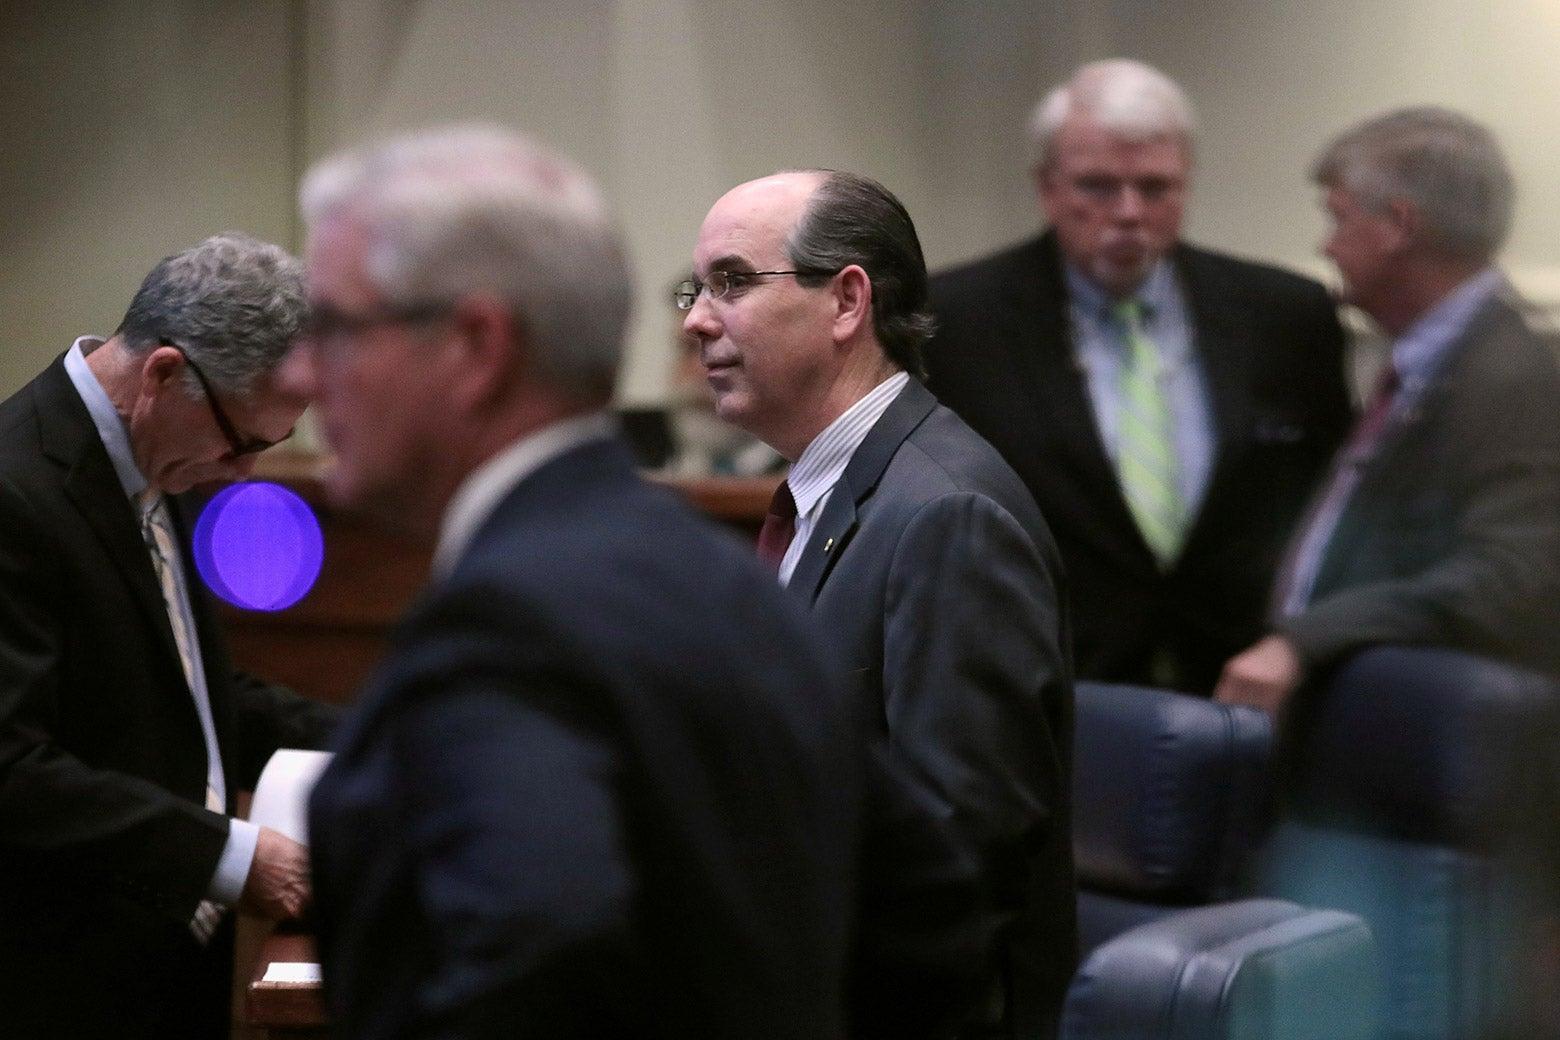 Chambliss with other Alabama state senators around him.